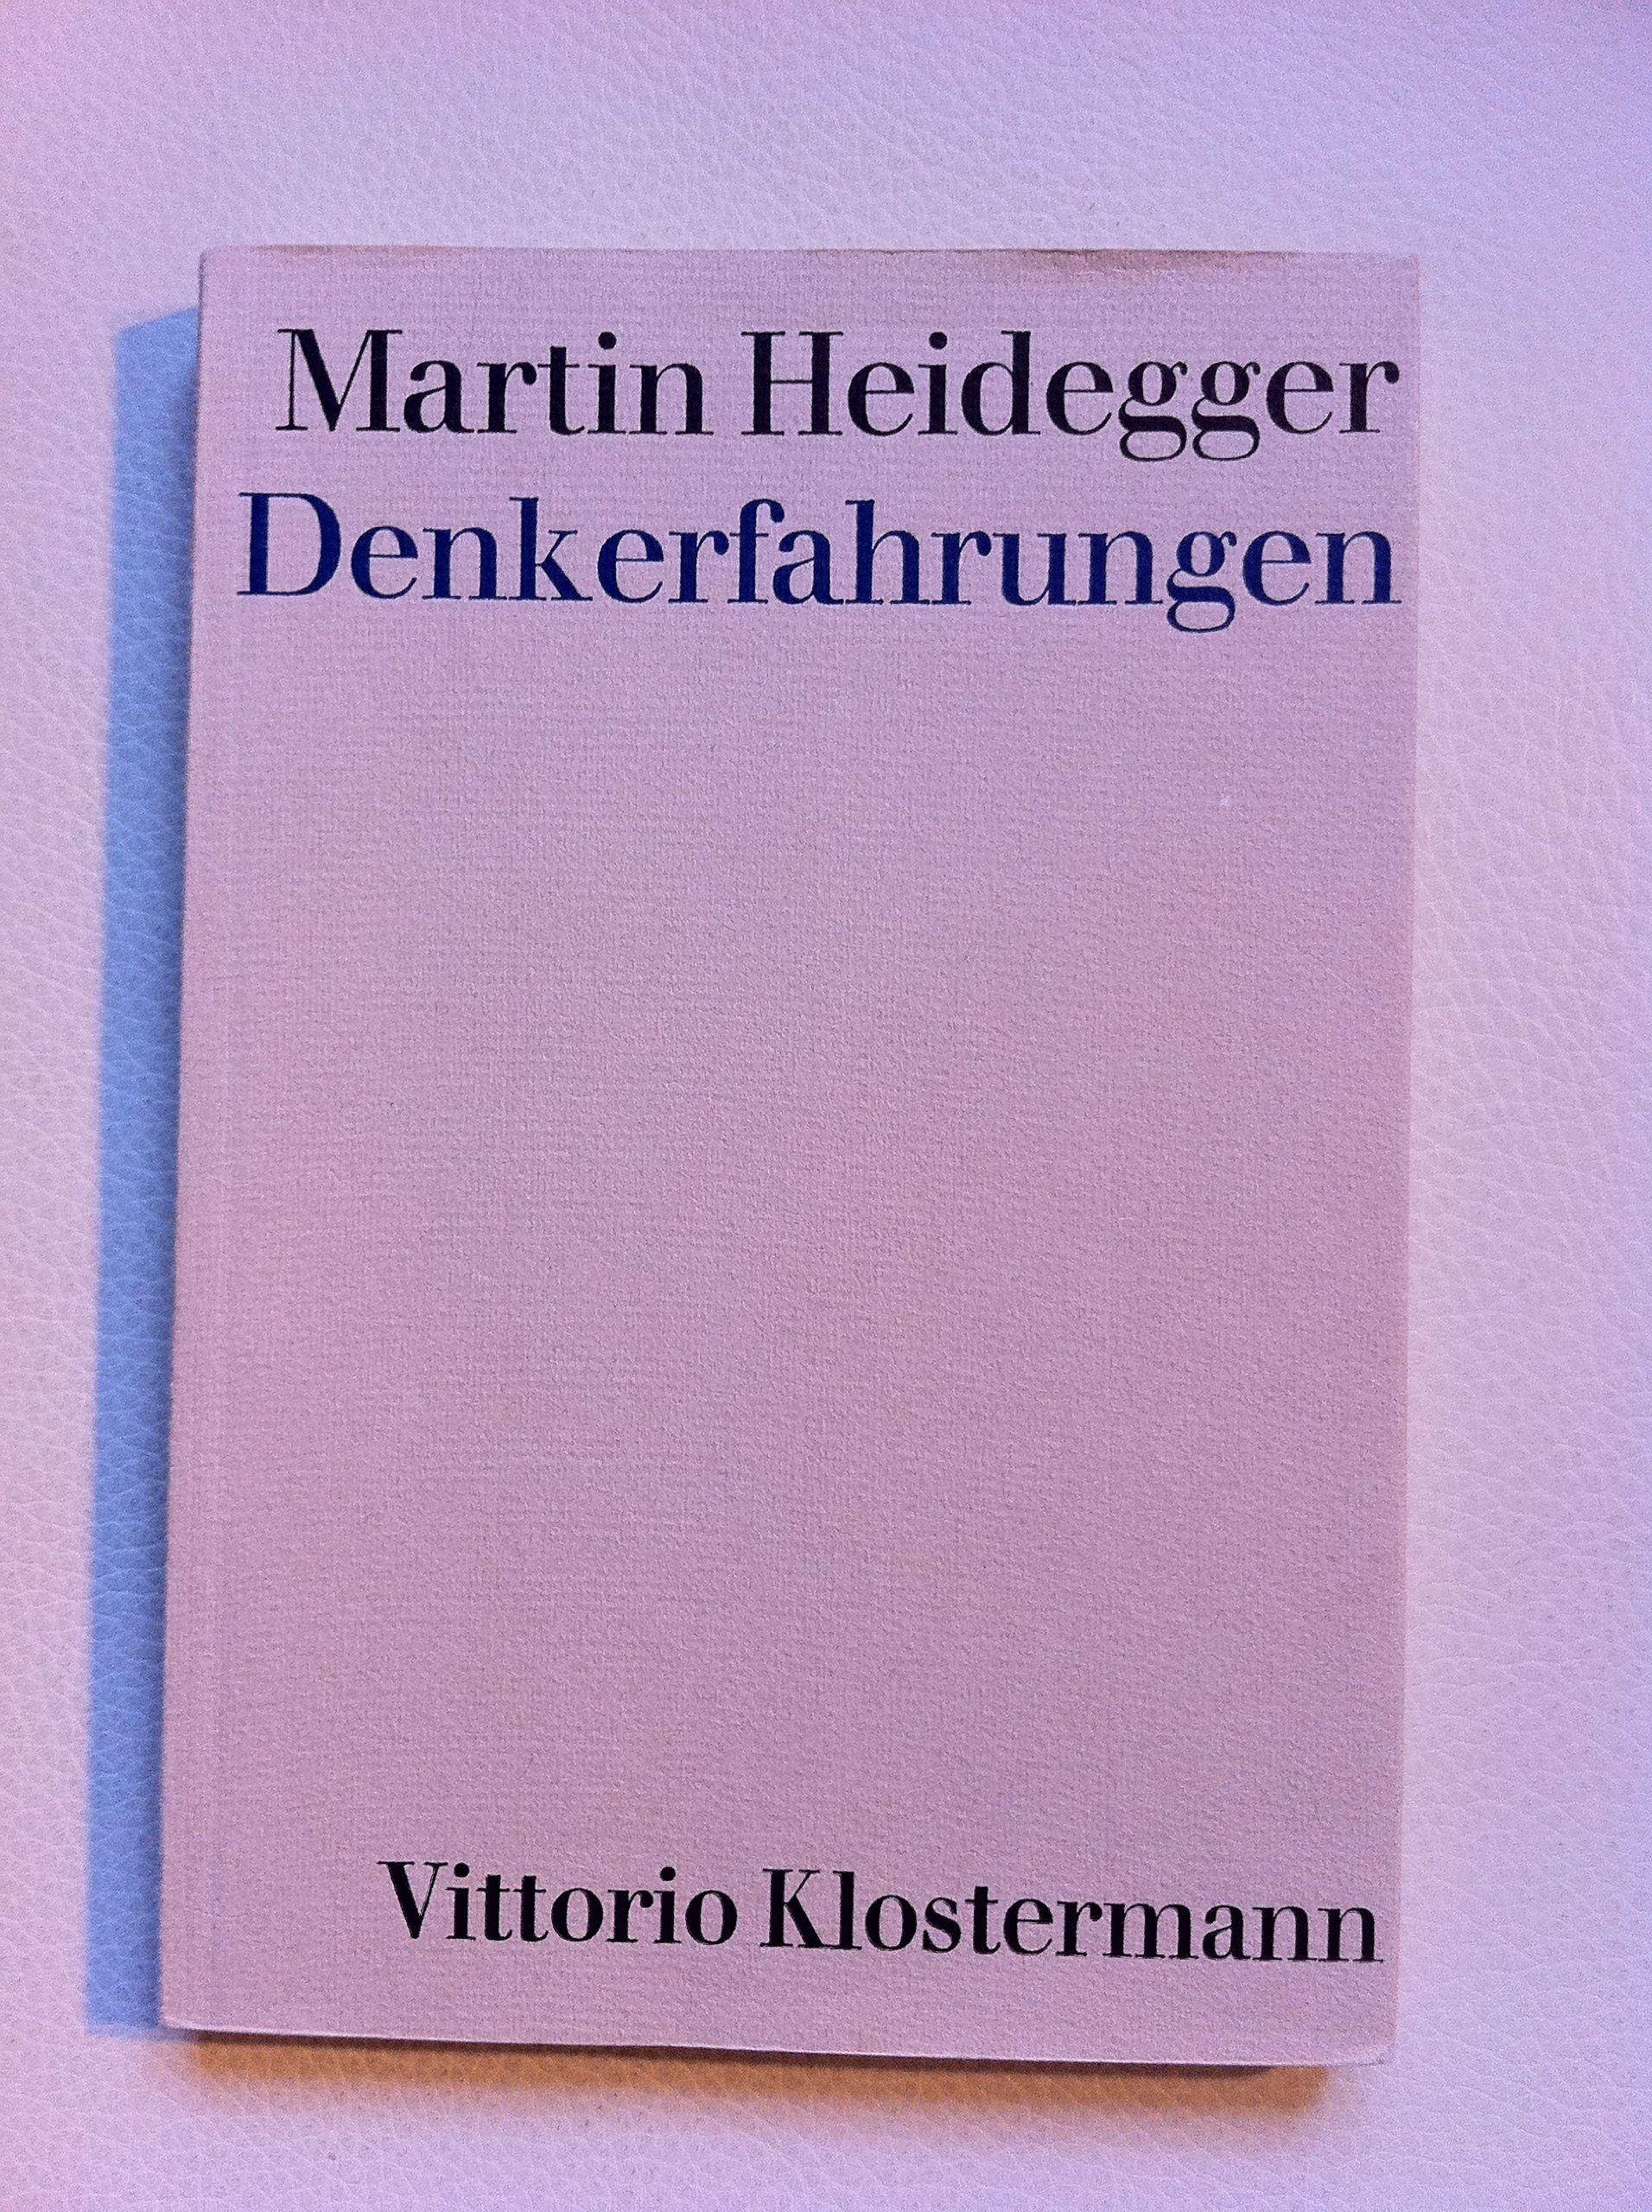 Denkerfahrungen : 1910-1976 / Martin Heidegger ; [herausgegeben von Hermann Heidegger] PublicaciónFrankfurt am Main : Vittorio Klostermann, cop. 1983